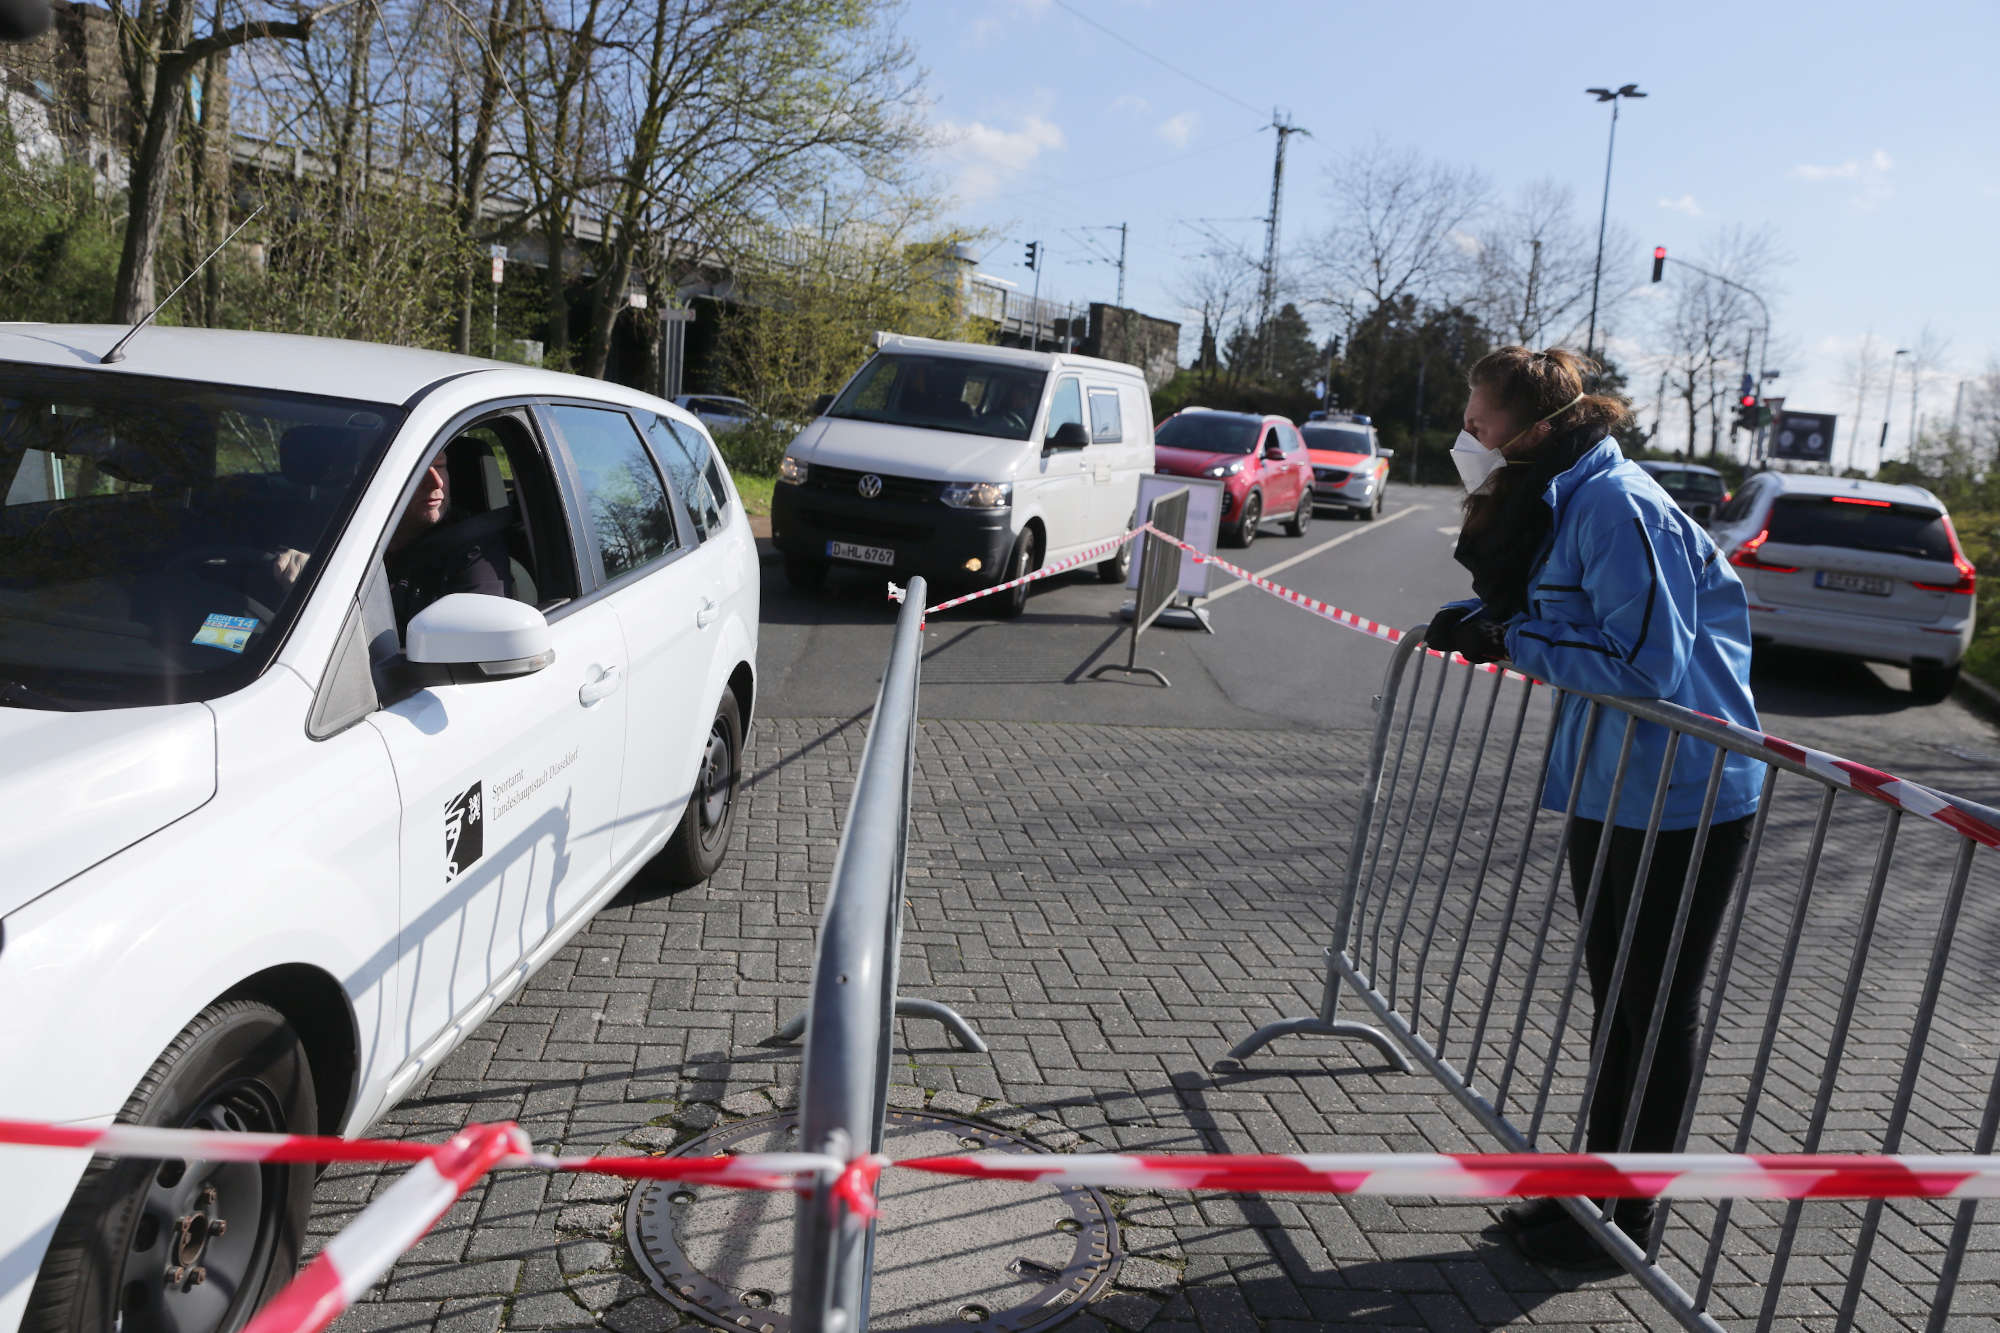 Anmeldung zum Corona-Test: Wer einen Termin im Drive-In-Diagnose-Center hat, meldet sich zunächst einmal wie in einer Arztpraxis an. (Foto: Landeshauptstadt Düsseldorf/Ingo Lammert)